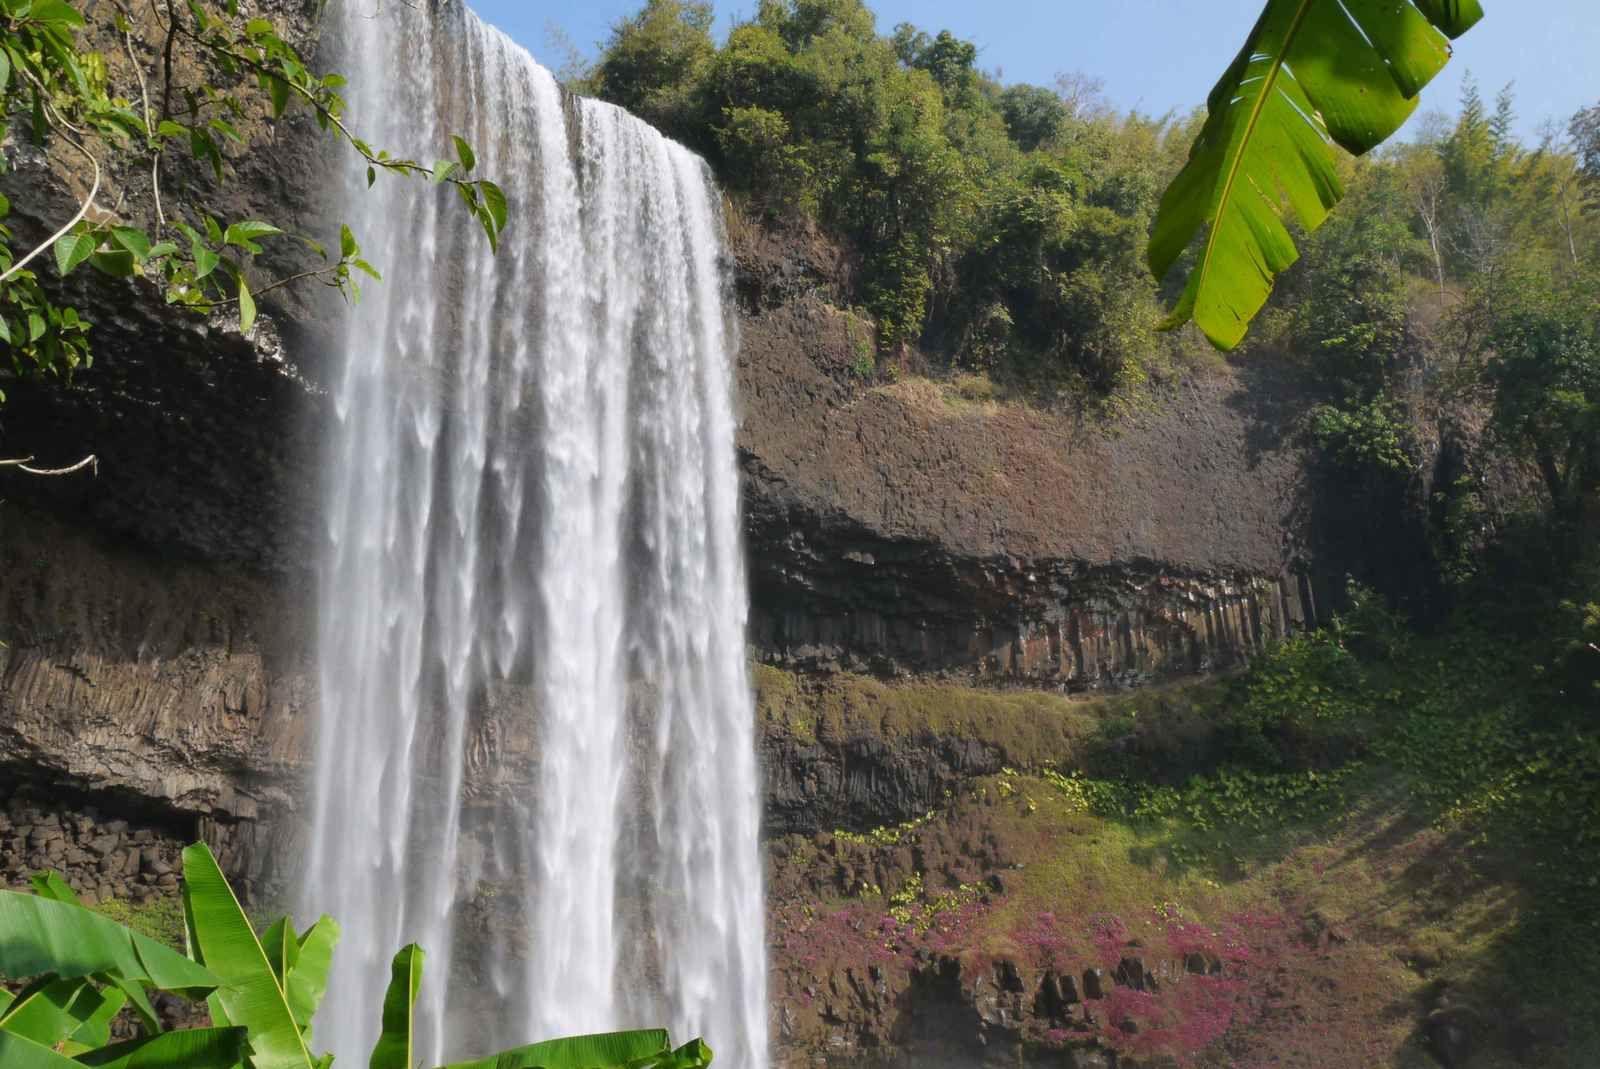 Difficile de faire rentrer la cascade, l'arc en ciel, la pluie fine et l'ambiance environnante dans l'appareil…